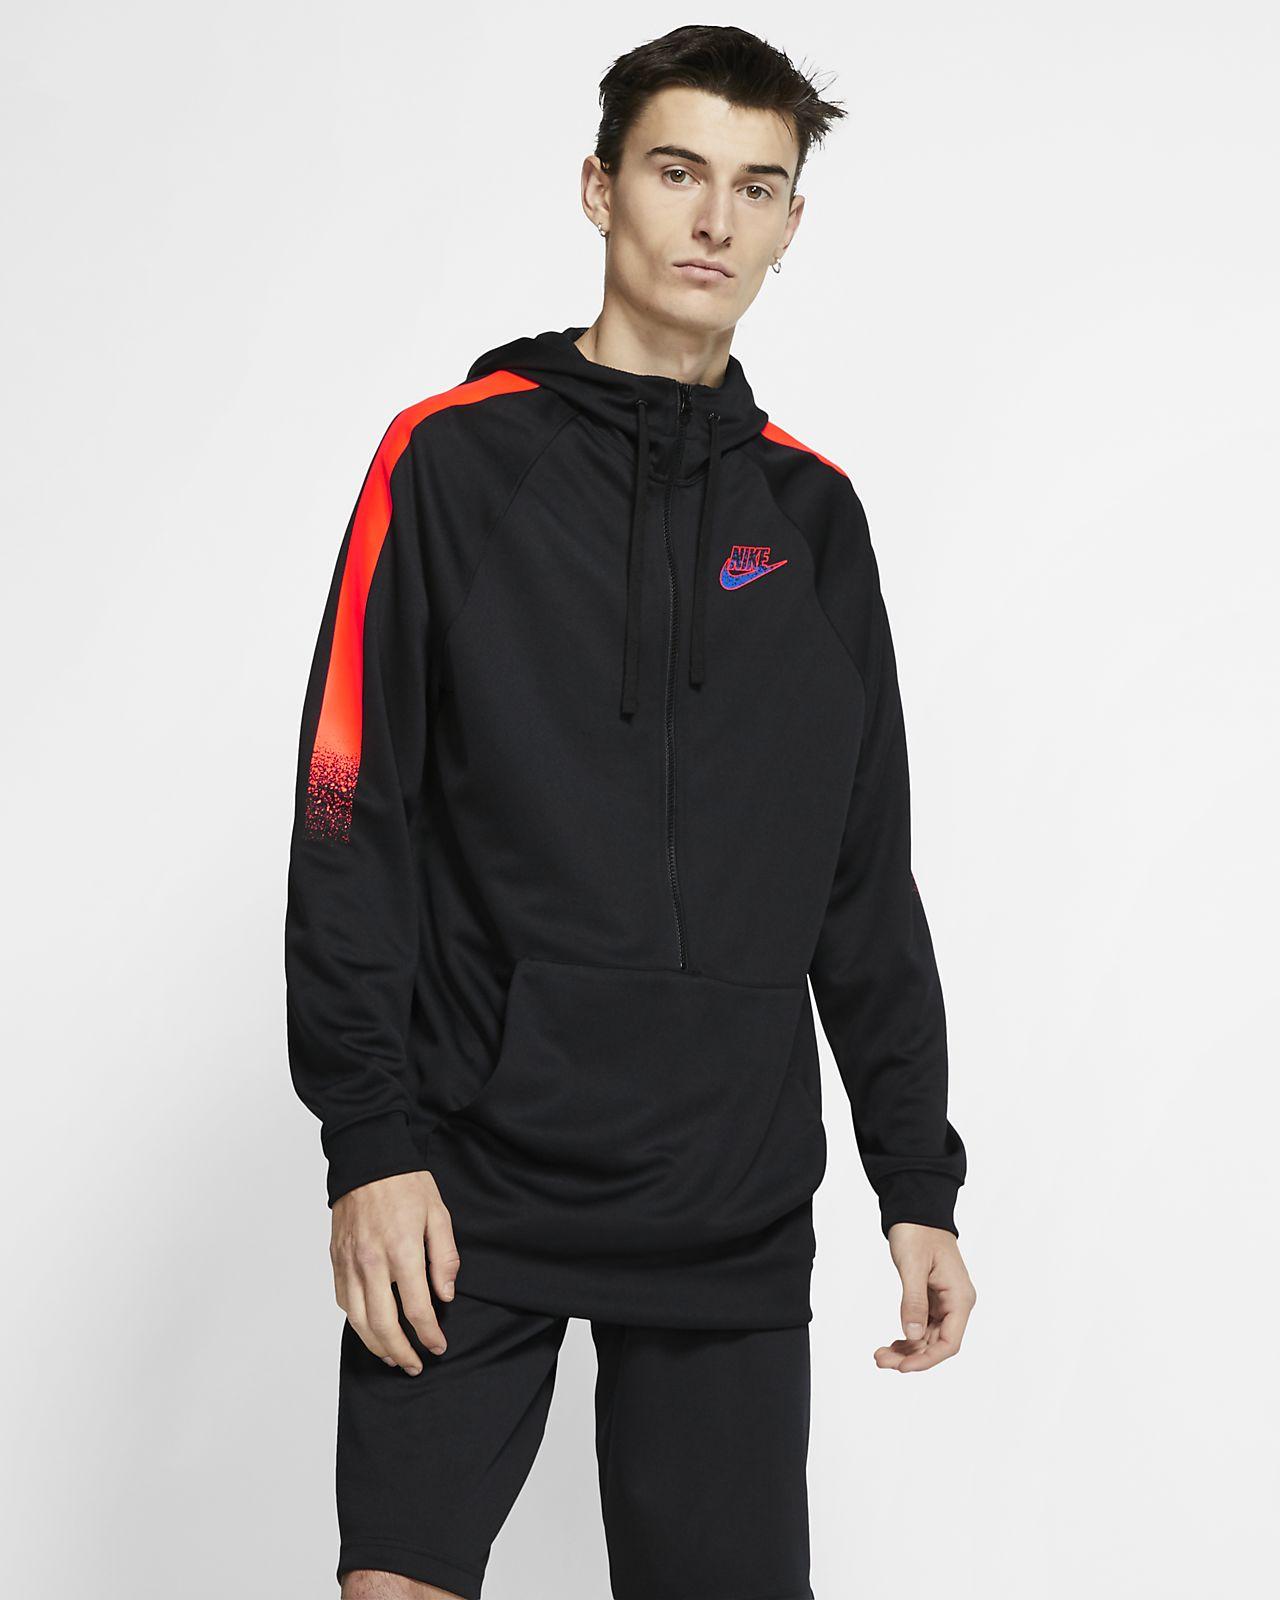 reputable site 96afa f538d ... Huvtröja med halv dragkedja Nike Sportswear för män